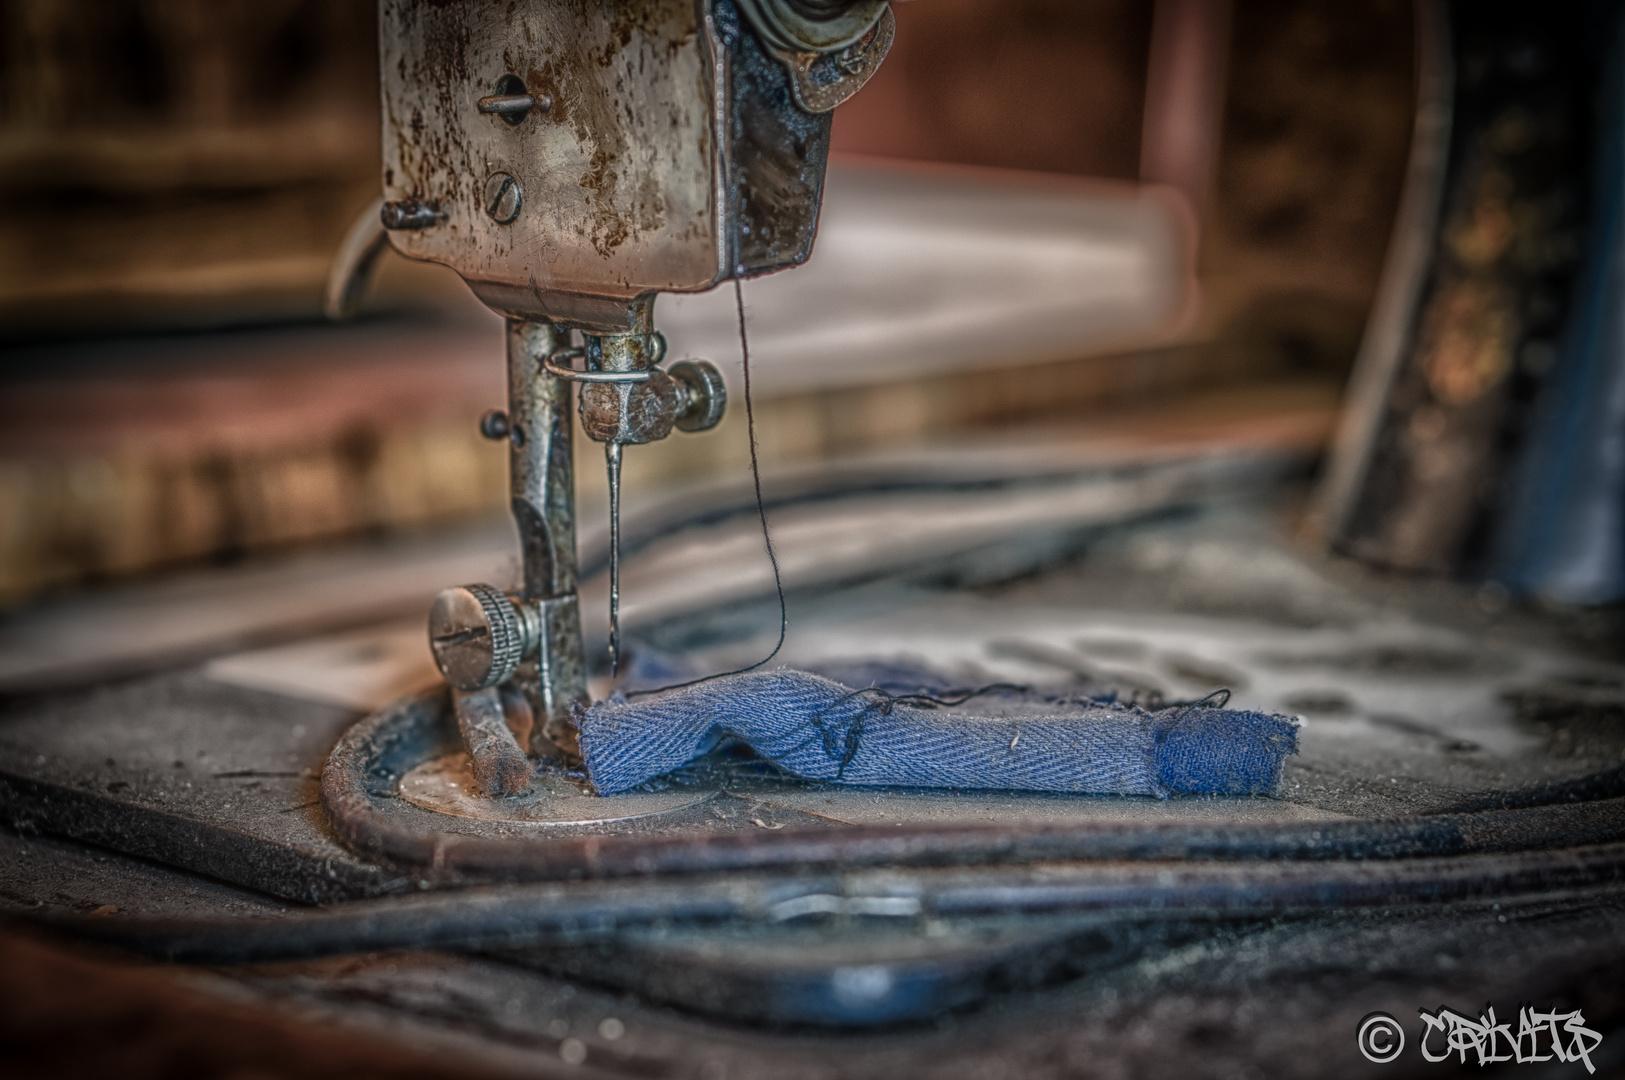 Sewing Machine II